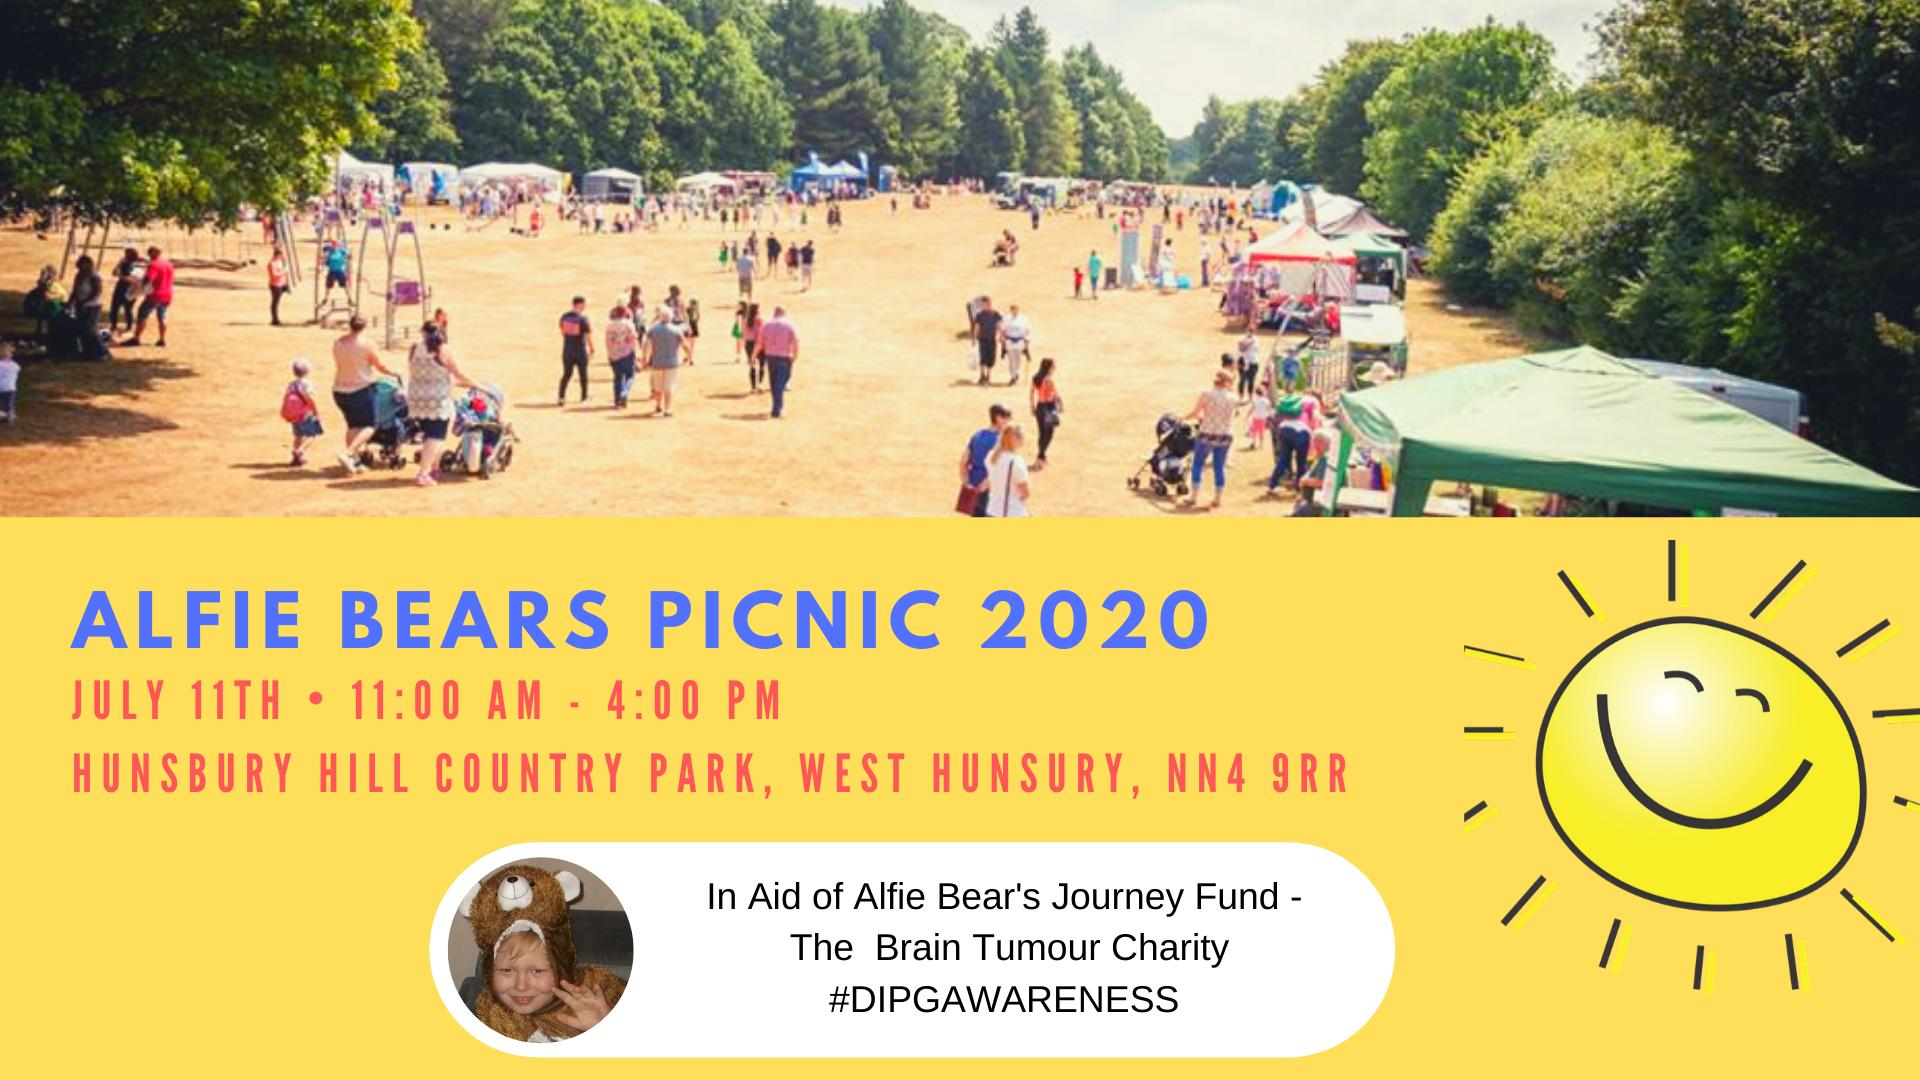 Alfie Bears Picnic 2020